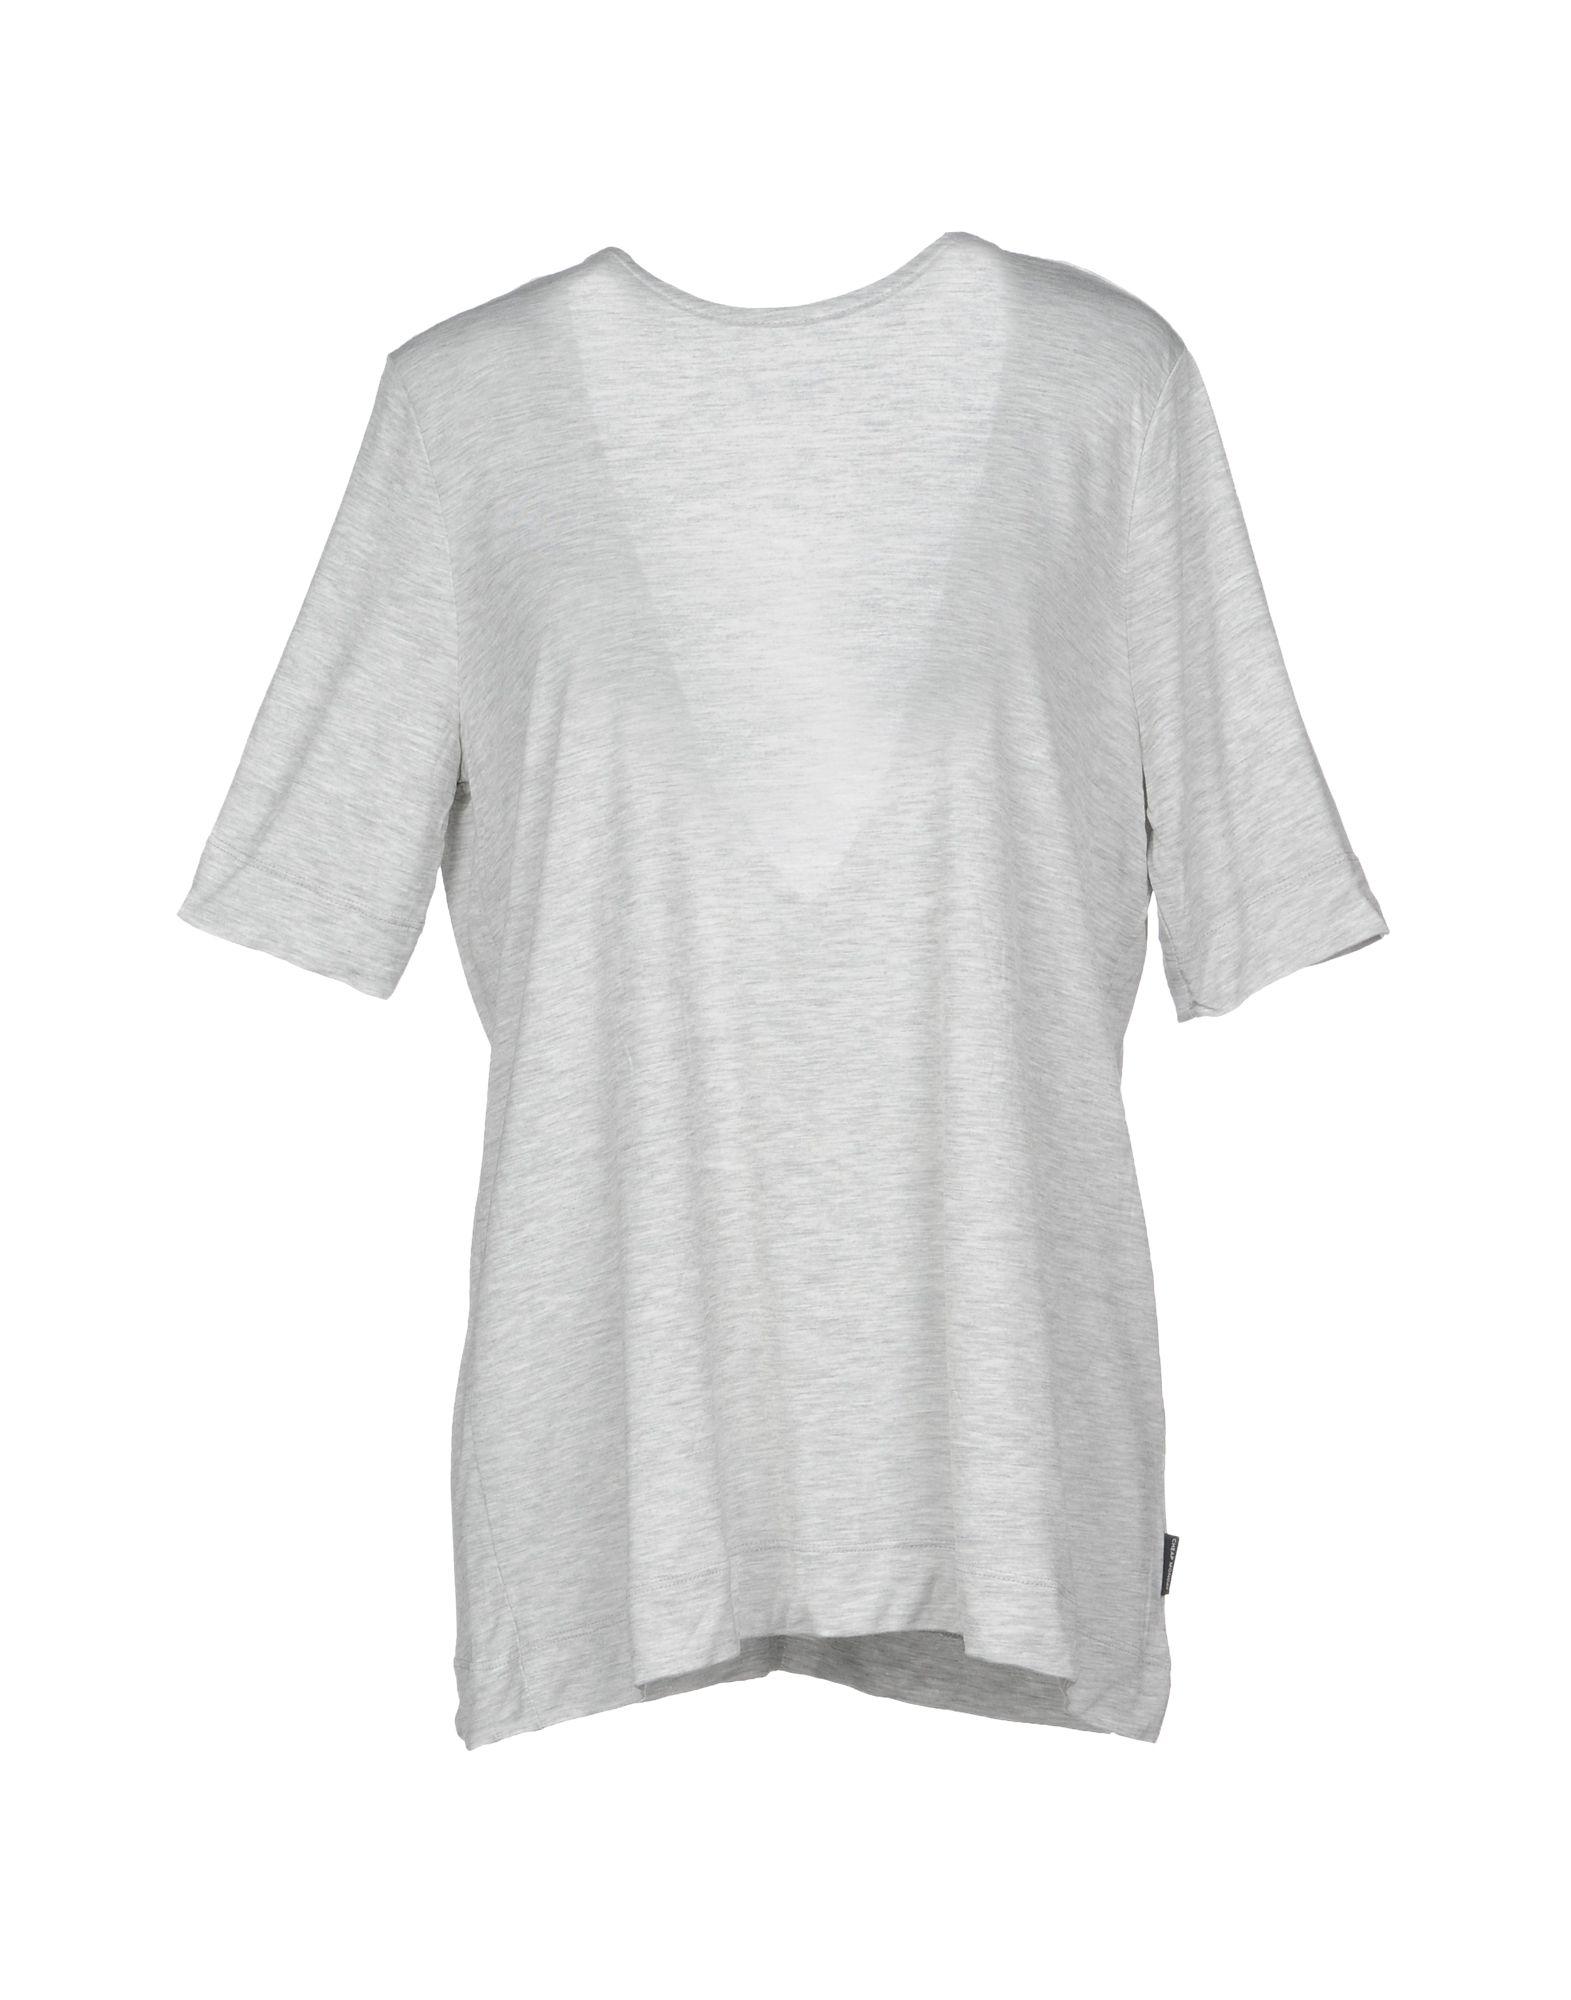 CHEAP MONDAY Футболка футболка cheap monday 449700 grey melange